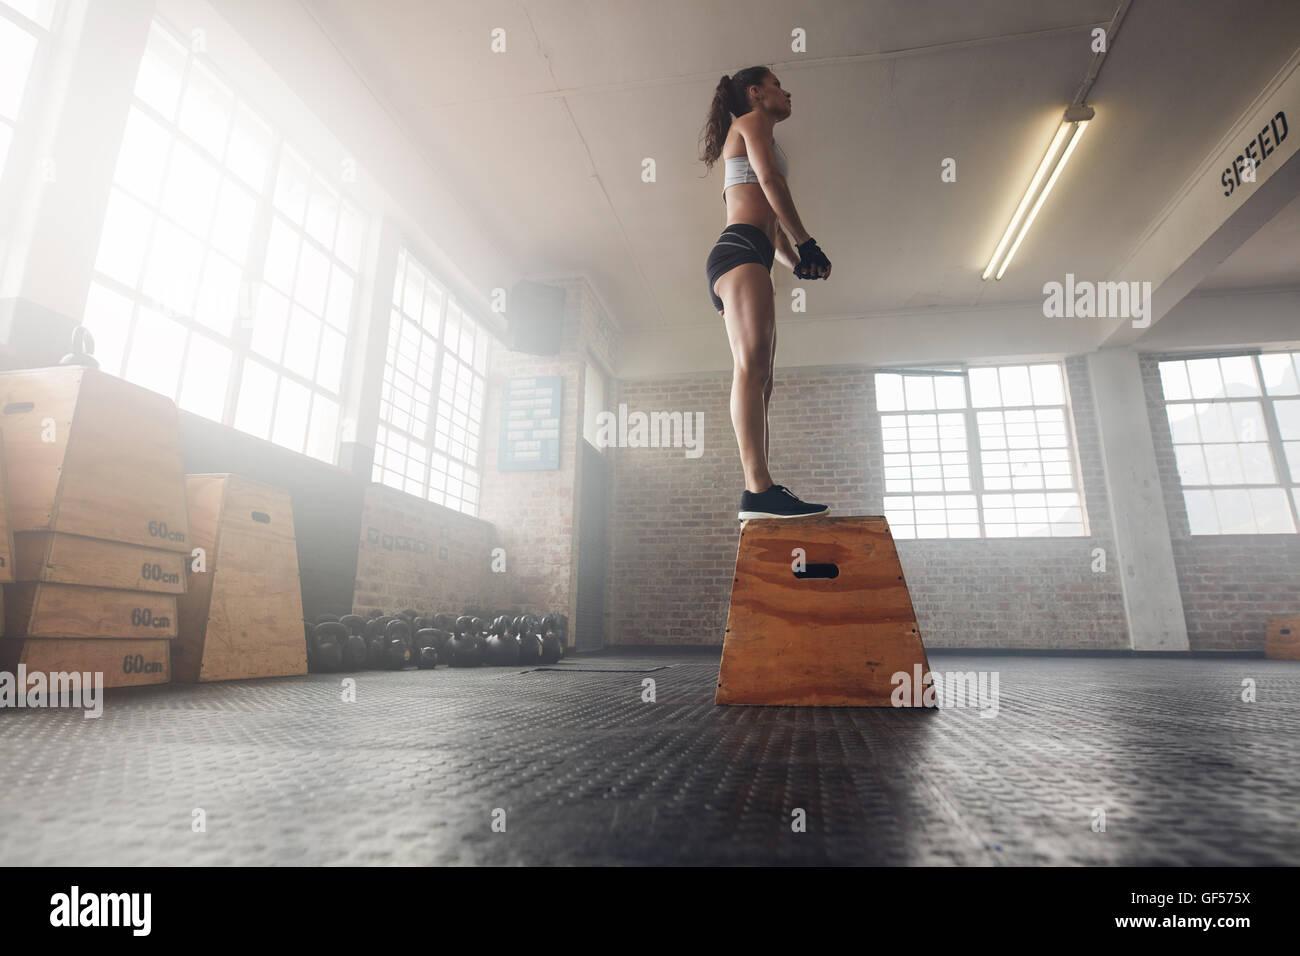 Bassa angolazione di montare i giovani modello femminile in sports wear in piedi su una scatola in palestra. Donna Immagini Stock